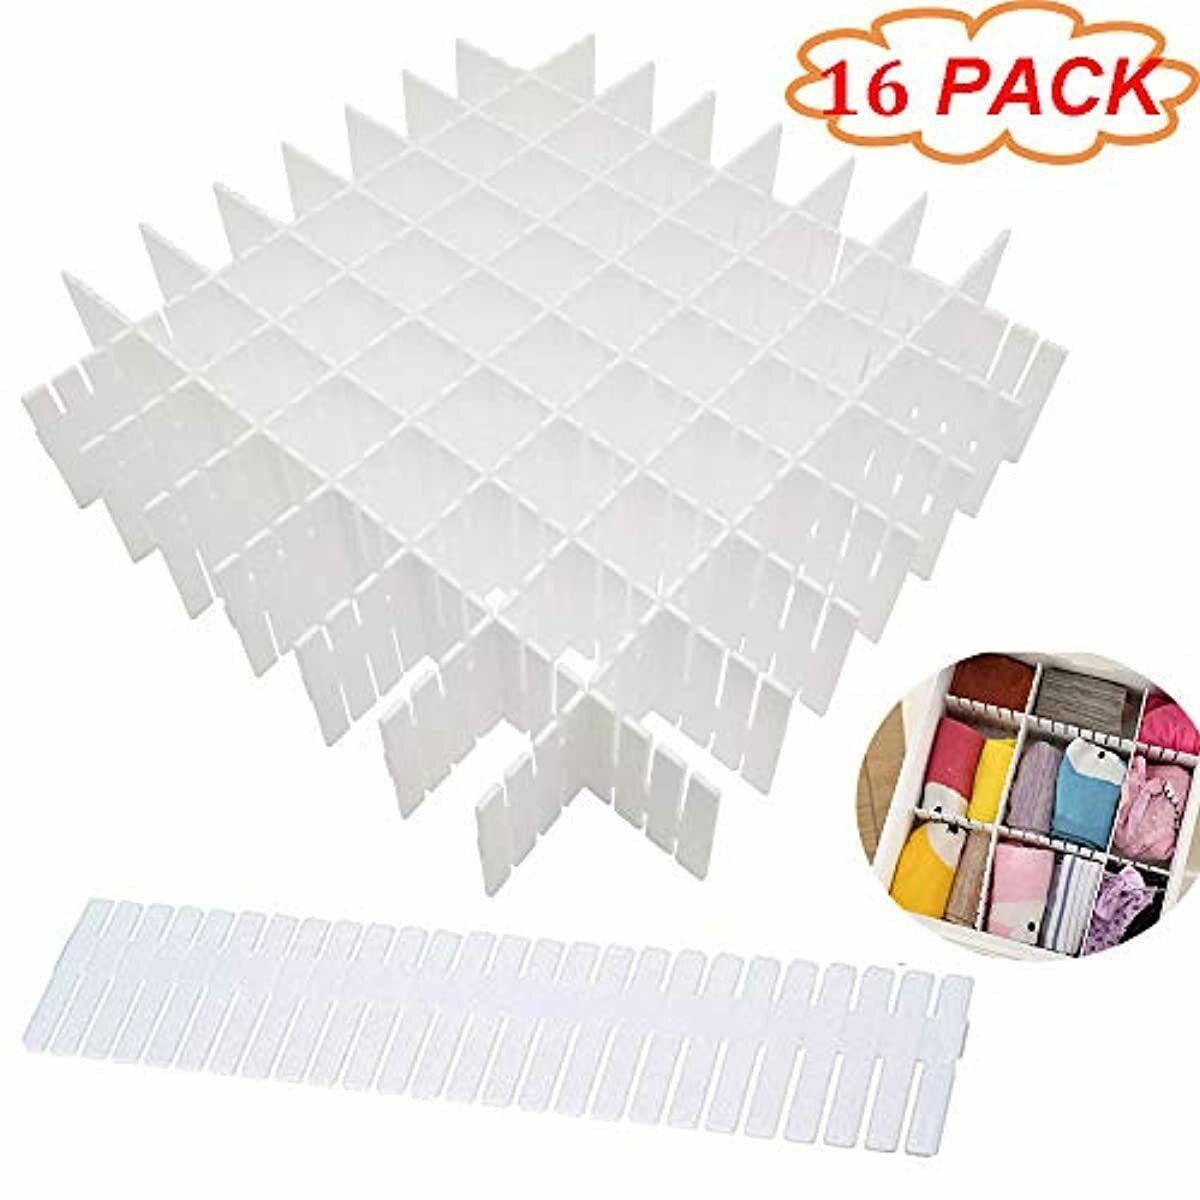 DIY Storage Divider 16 Pack White Plastic Adjustable Grid Dr